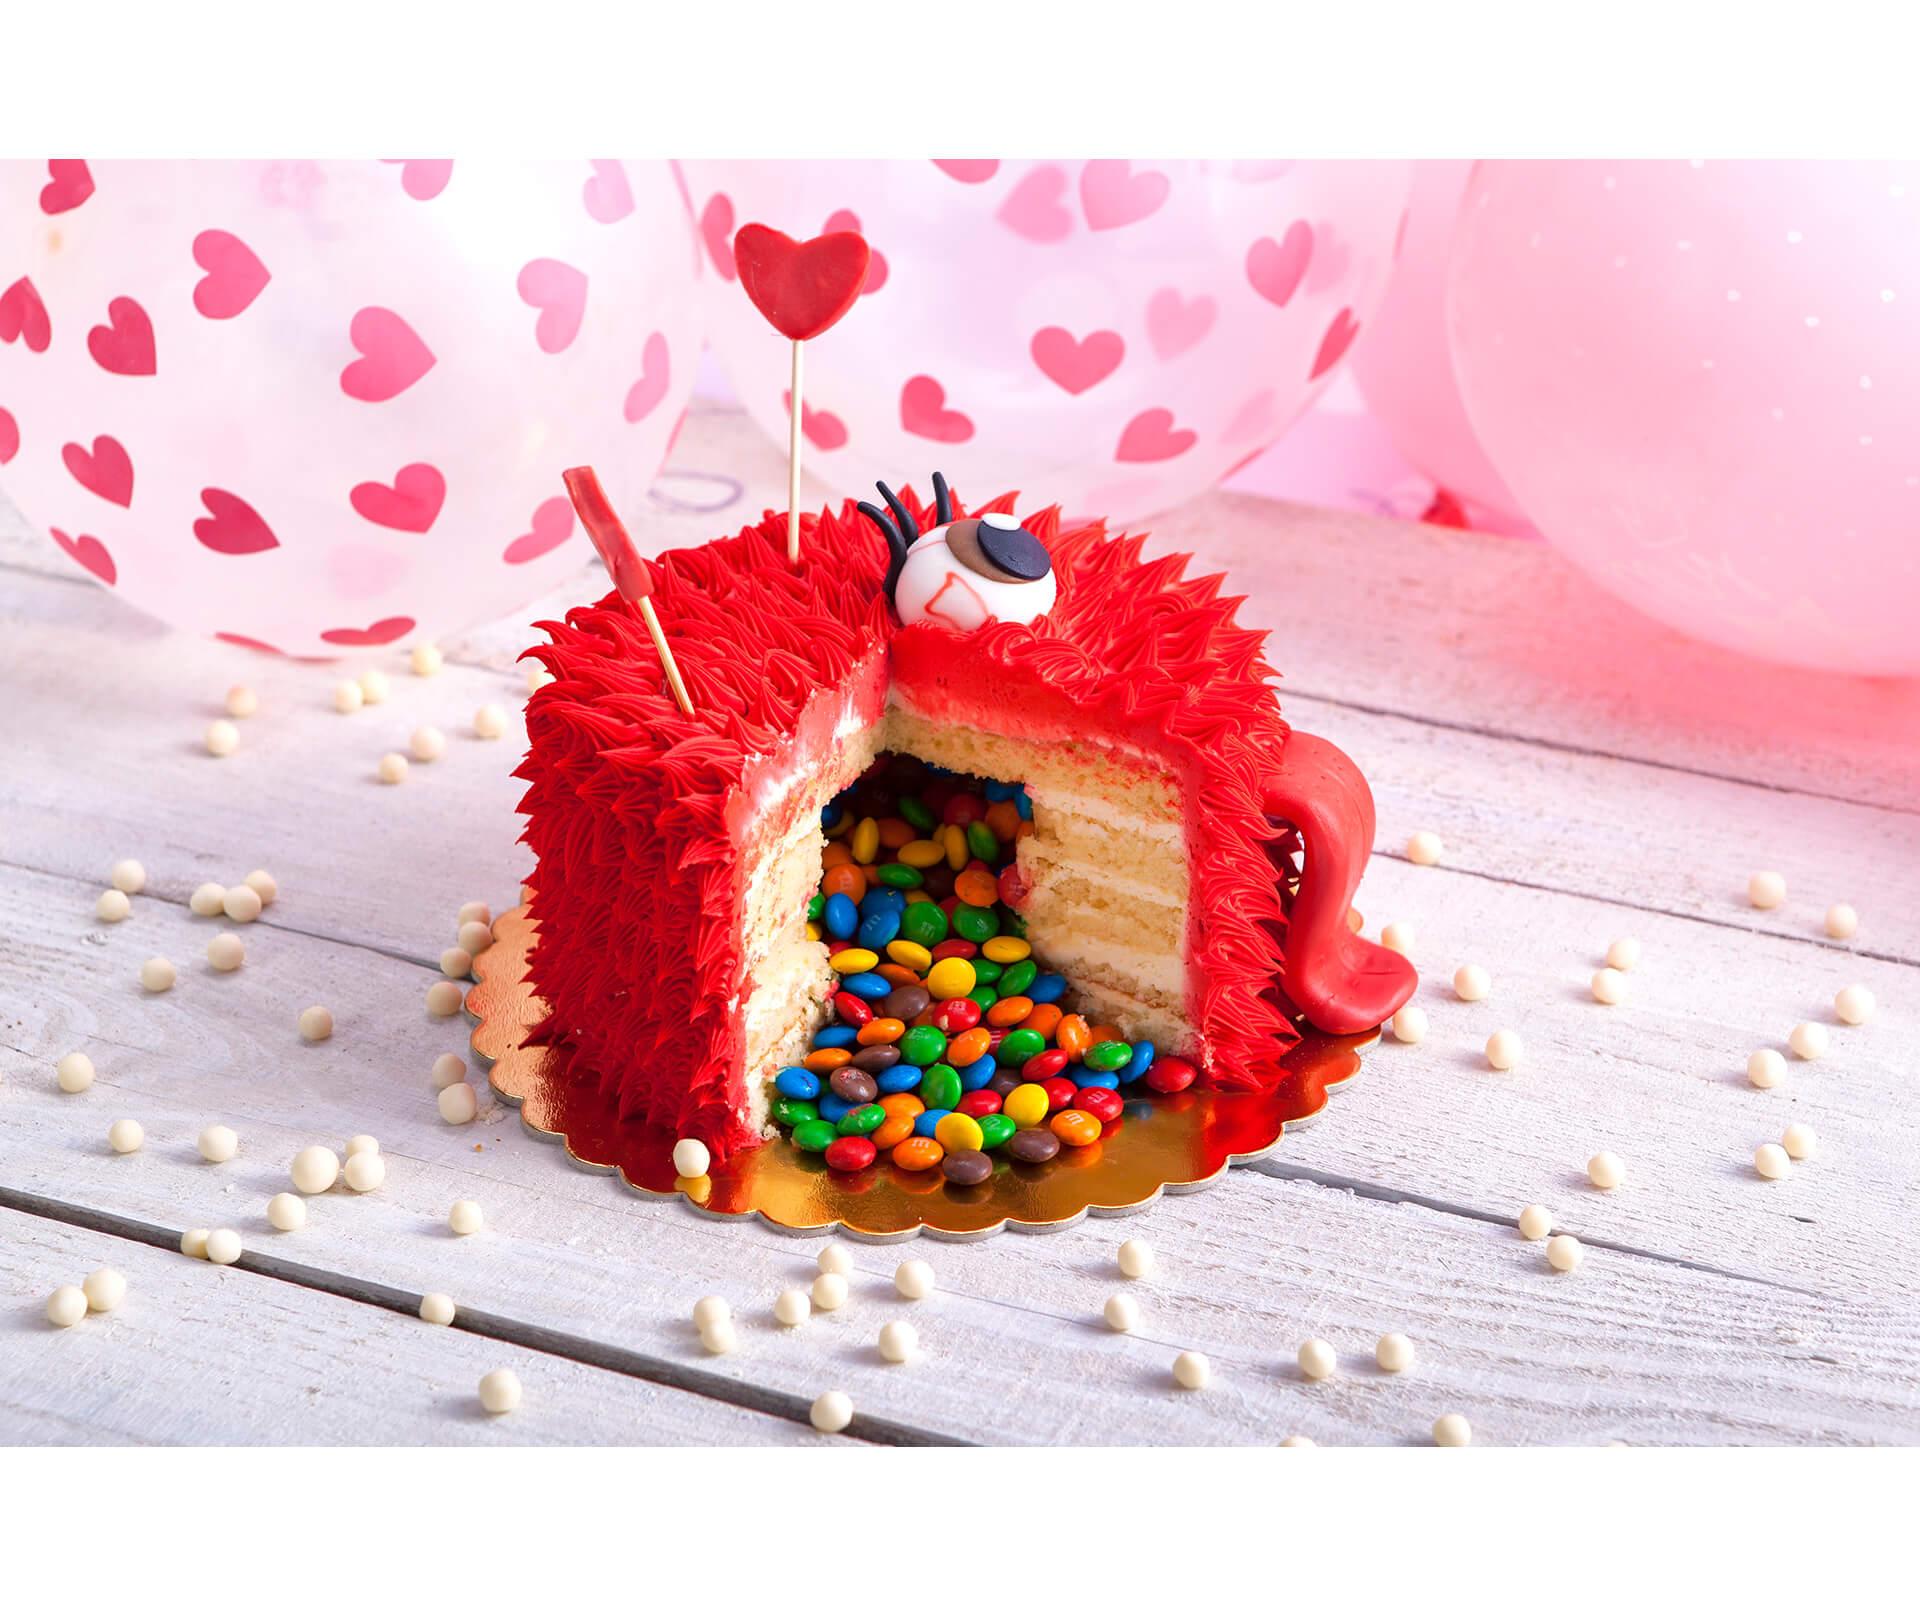 Pińata Cake